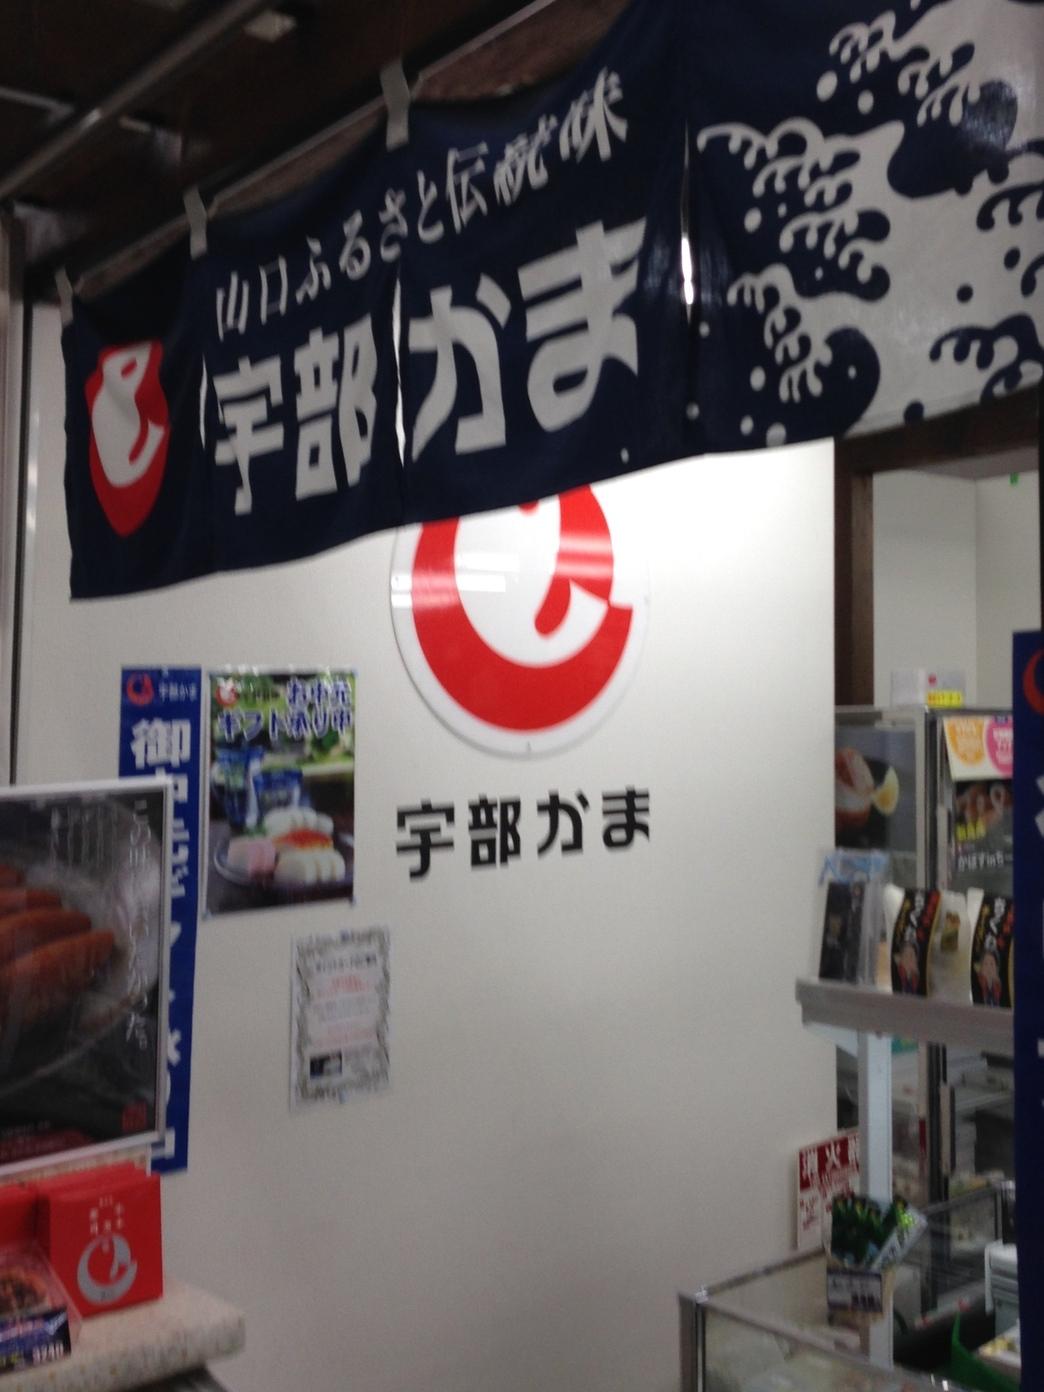 宇部かま 新山口駅新幹線1階直売店